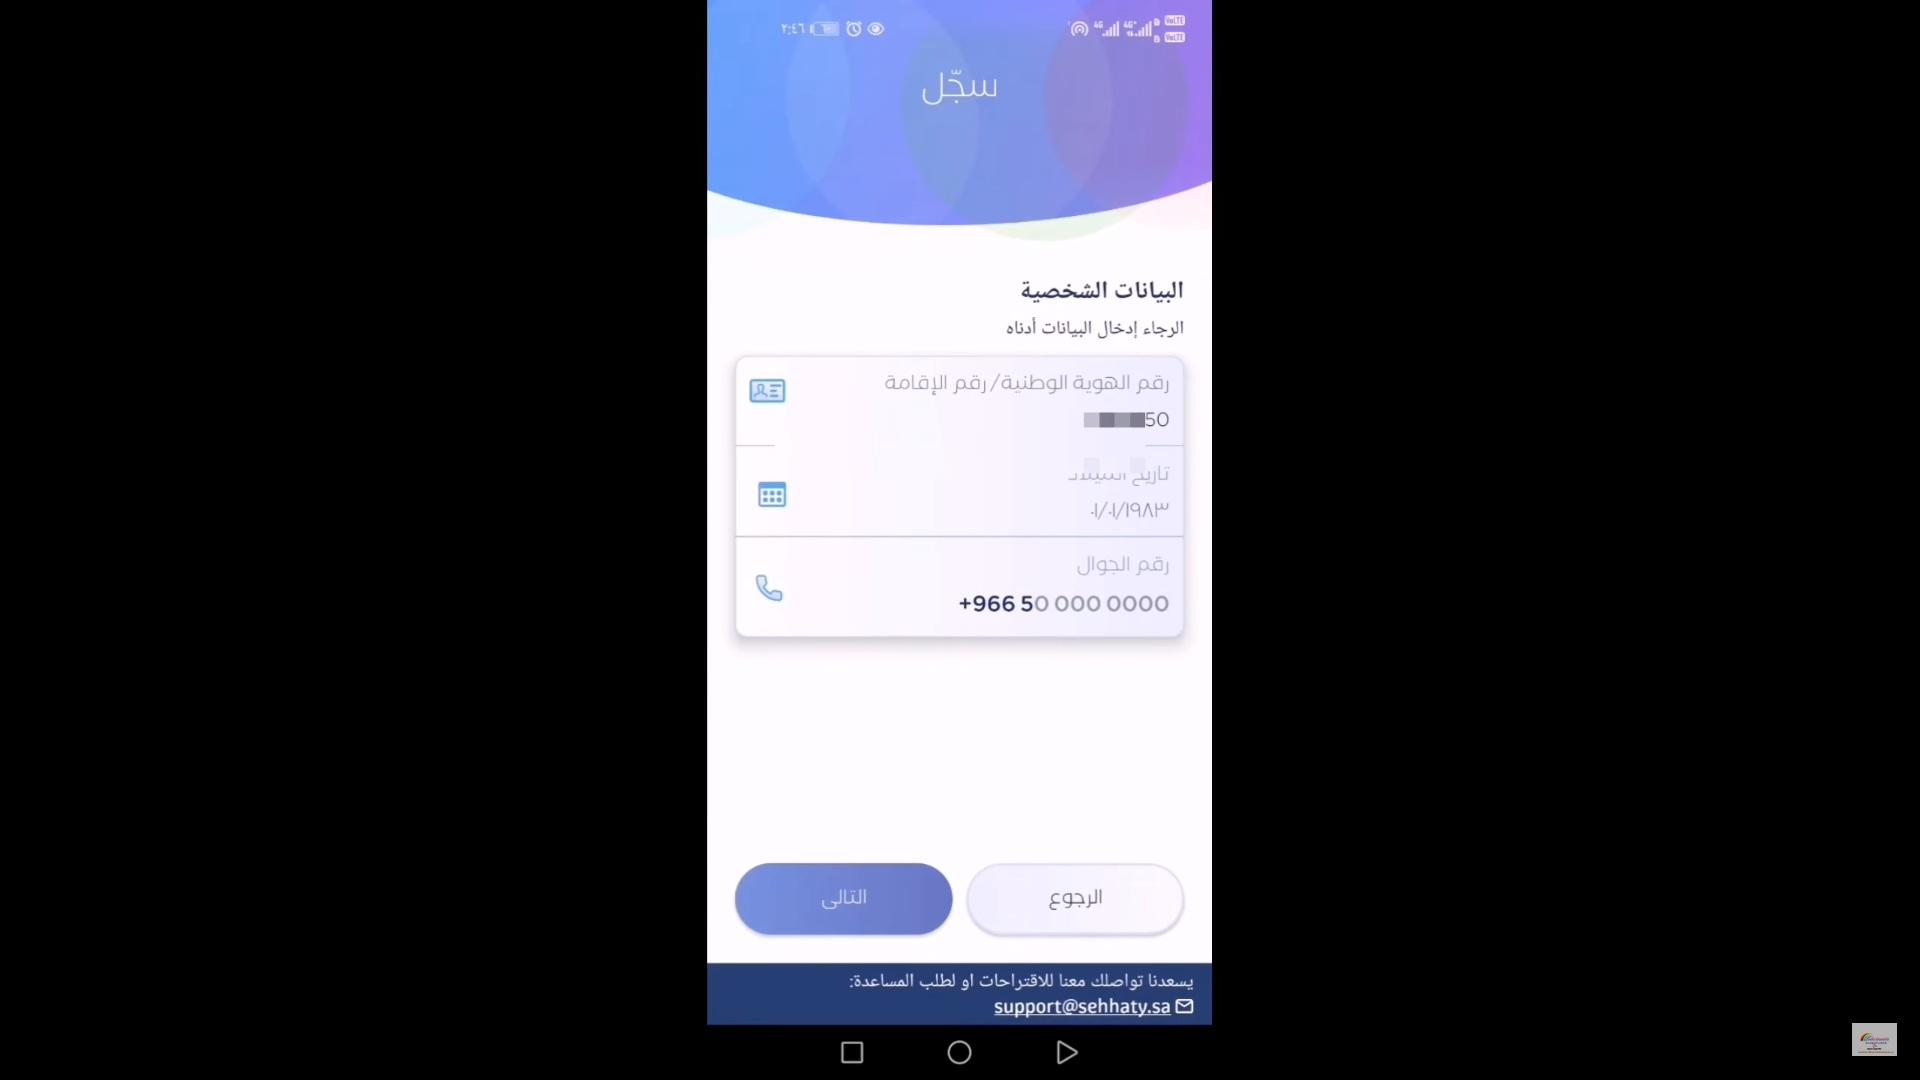 تطبيق صحتي sehhaty app لحجز موعد لقاح كورونا والتسجيل في ...